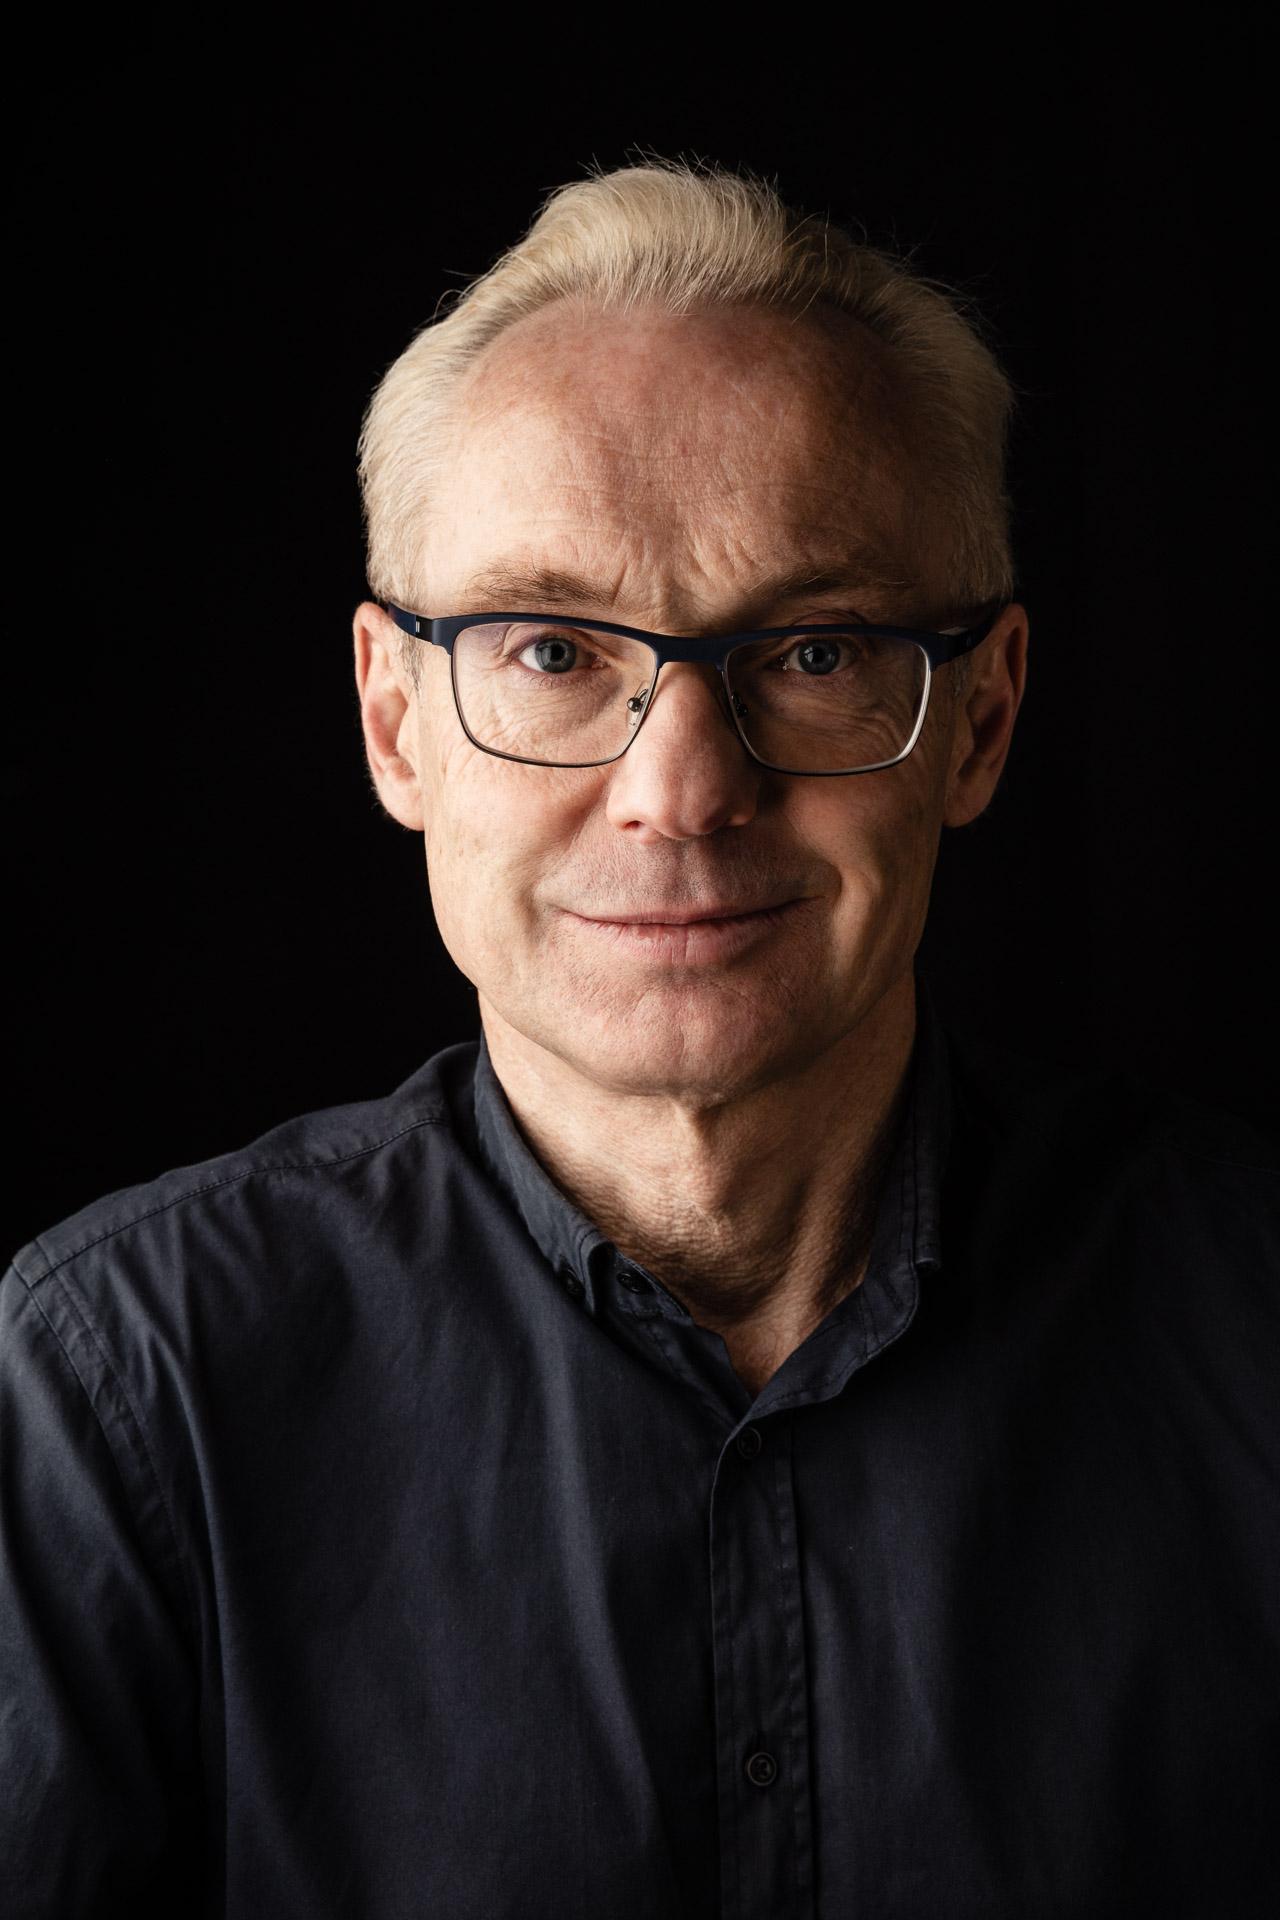 Rikard Osterlund